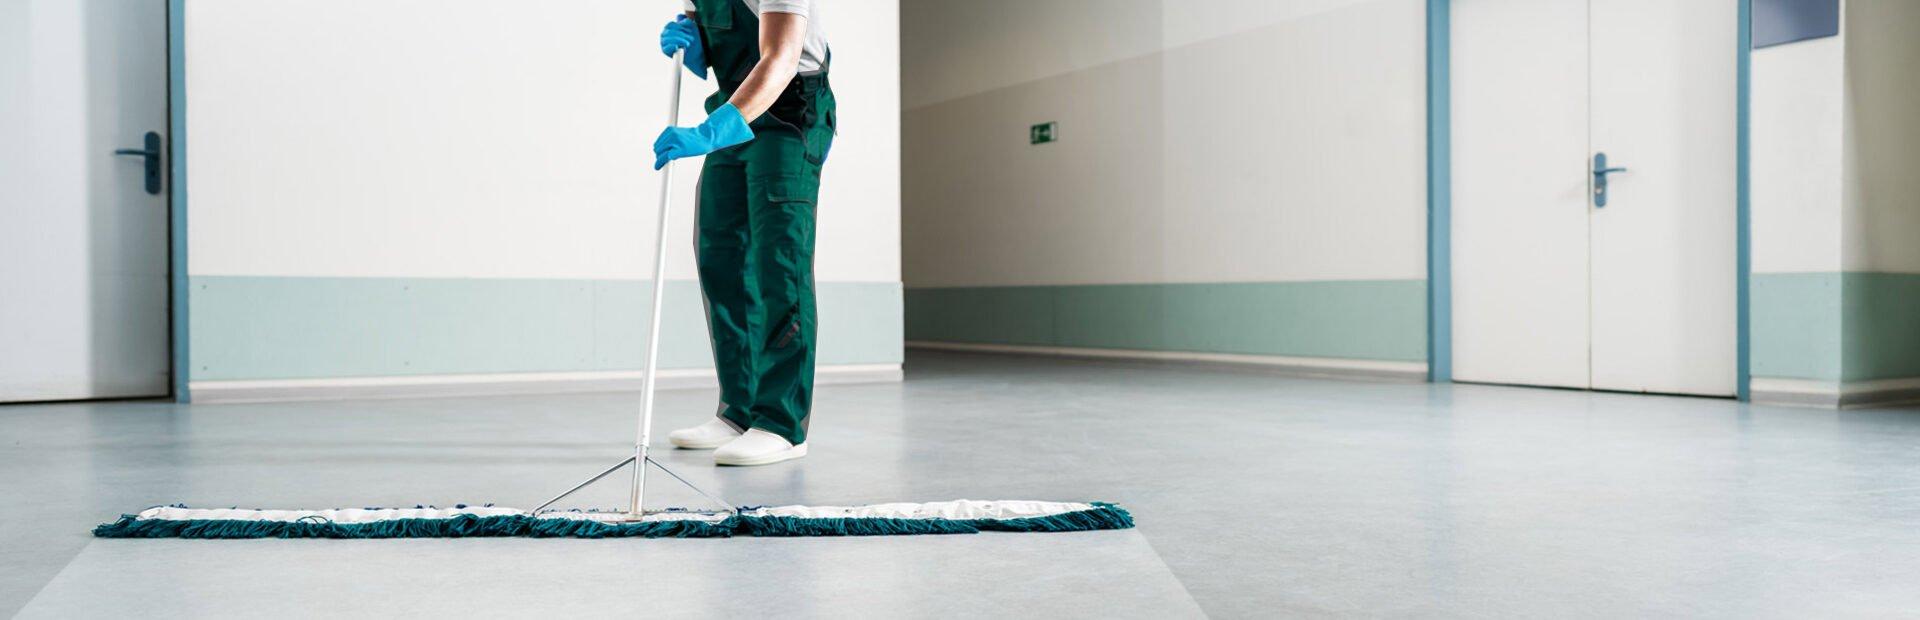 slide-pulizie industriali magia servizi